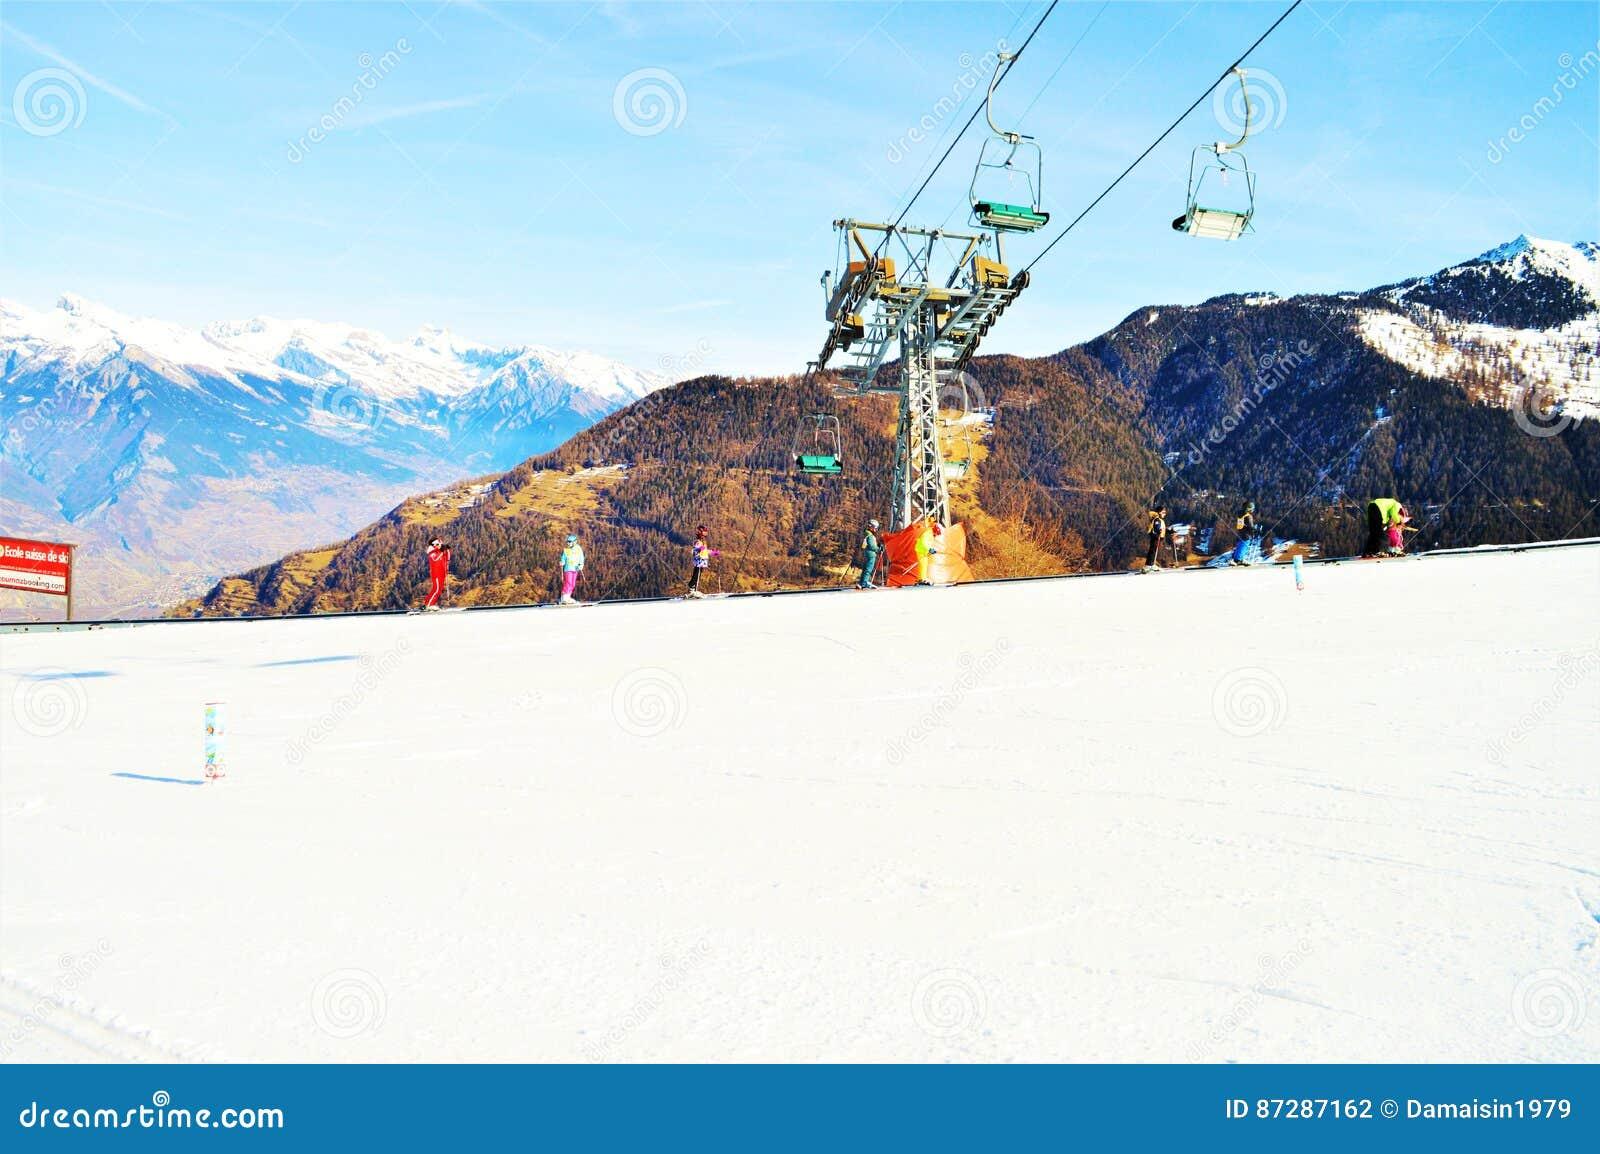 Sessellifte in den Schweizer Alpen und in den Schneebahnen